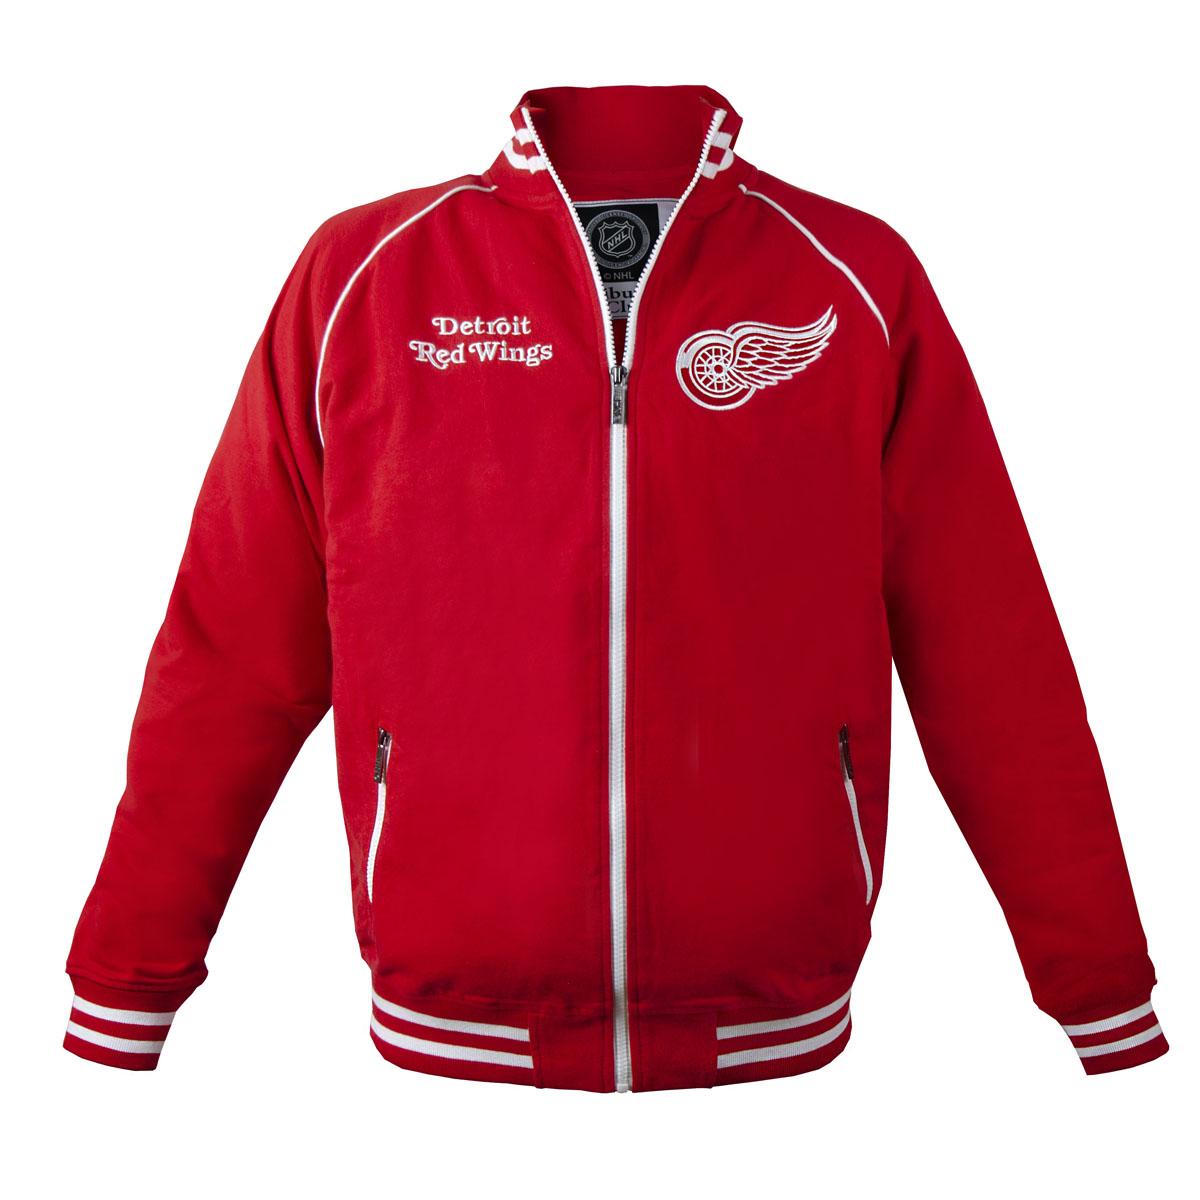 Толстовка с логотипом (ХК)35600Мужская толстовка NHL Detroit Red Wings, изготовленная из натурального хлопка, очень мягкая и приятная на ощупь, не сковывает движения, обеспечивая наибольший комфорт. Толстовка с небольшим воротником-стойкой и длинными рукавами-реглан застегивается на молнию по всей длине. Снизу модели предусмотрена широкая мягкая резинка, которая предотвращает проникновение холодного воздуха. Рукава дополнены эластичными манжетами. Спереди расположены два прорезных кармана на застежках-молниях. Изделие оформлено вышивками с названием хоккейного клуба Detroit Red Wings и его эмблемой. Стильная толстовка подарит вам комфорт и станет отличным дополнением к вашему гардеробу.